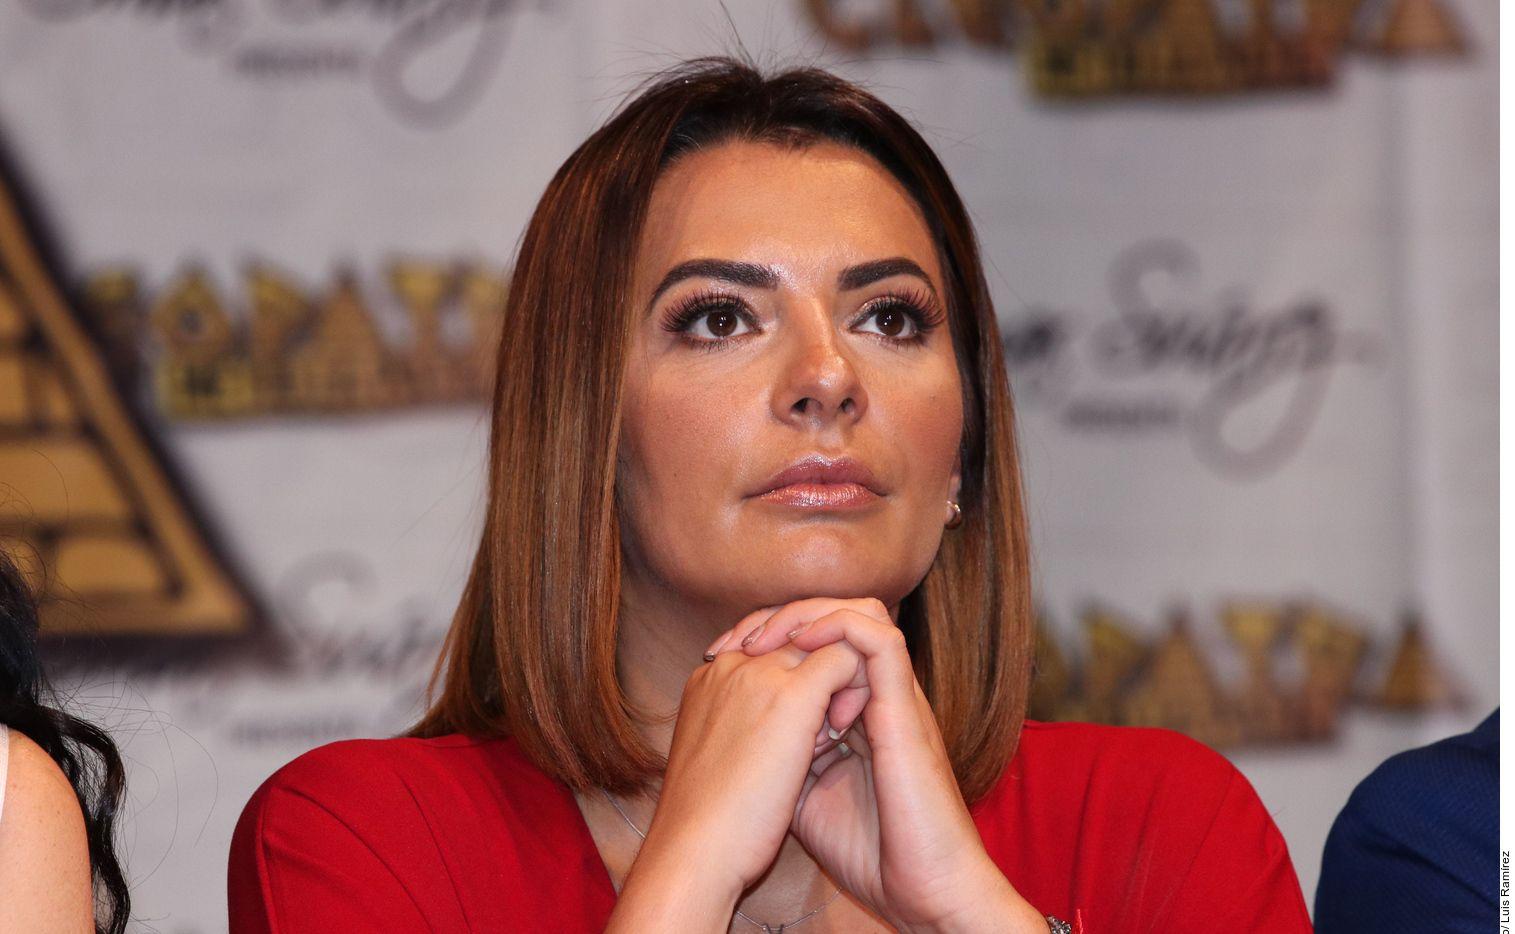 La conductora Cecilia Galliano apareció en un video en el que junto a su maquillista, hacen mofa de los tabasqueños, después de asistir al Carnaval del municipio de Comalcalco, donde desfiló a bordo de un carro alegórico.